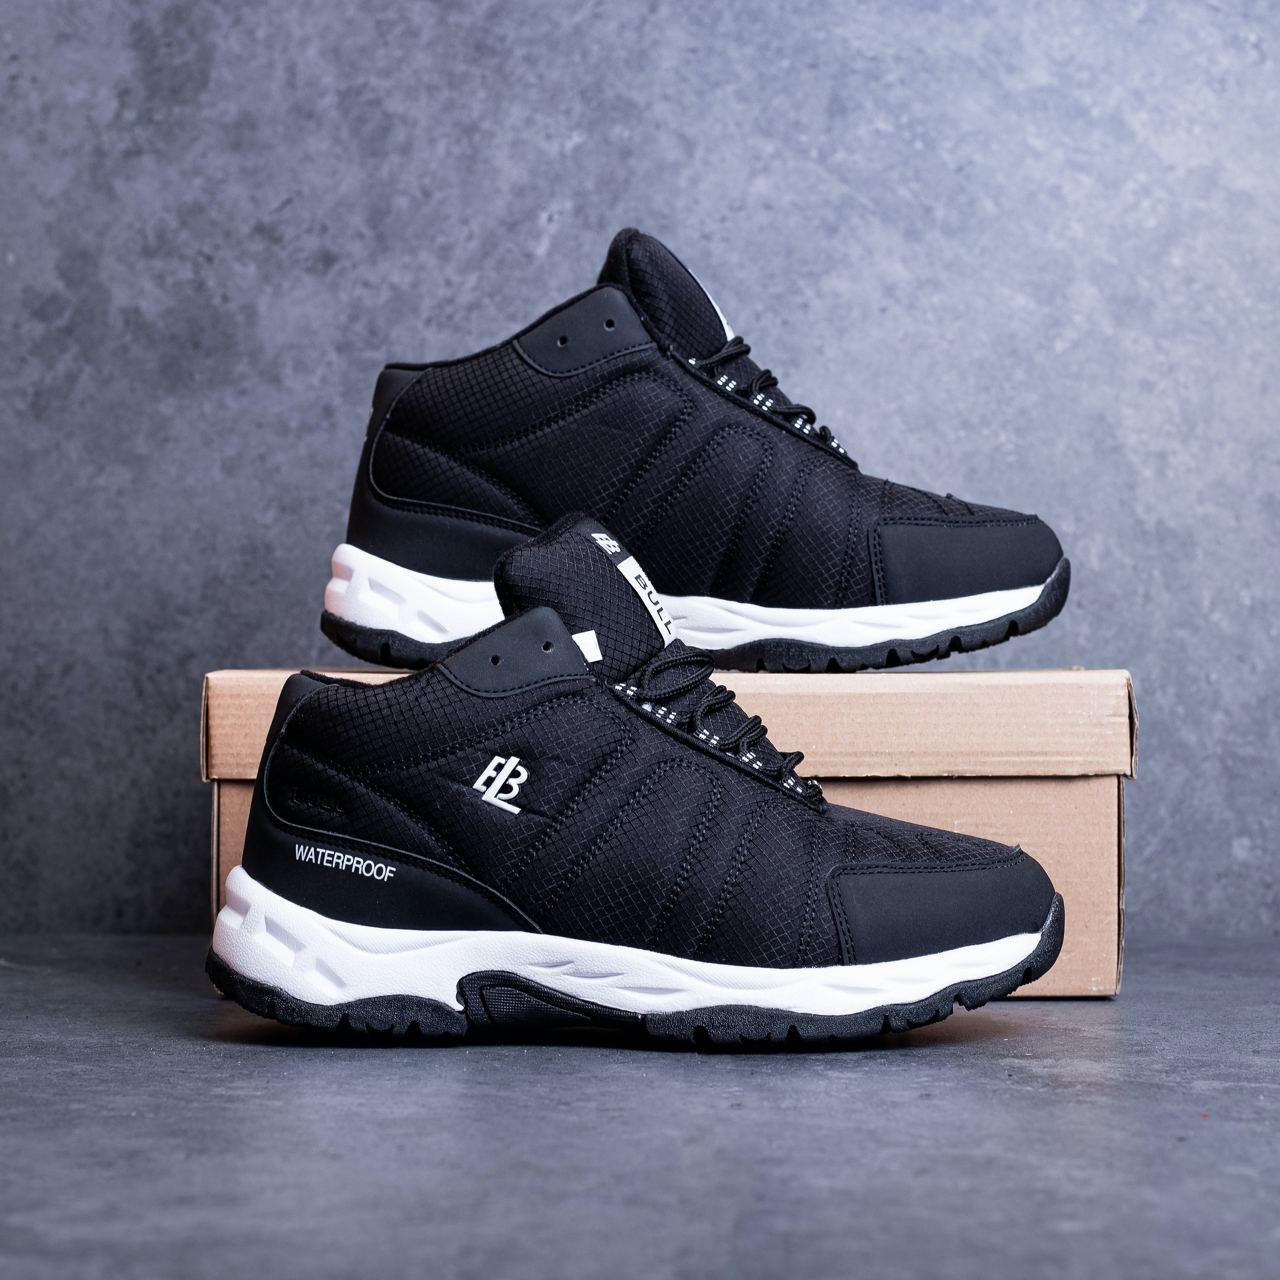 Мужские ботинки Булл Ватерпруф Pobedov (черные с белой подошвой)